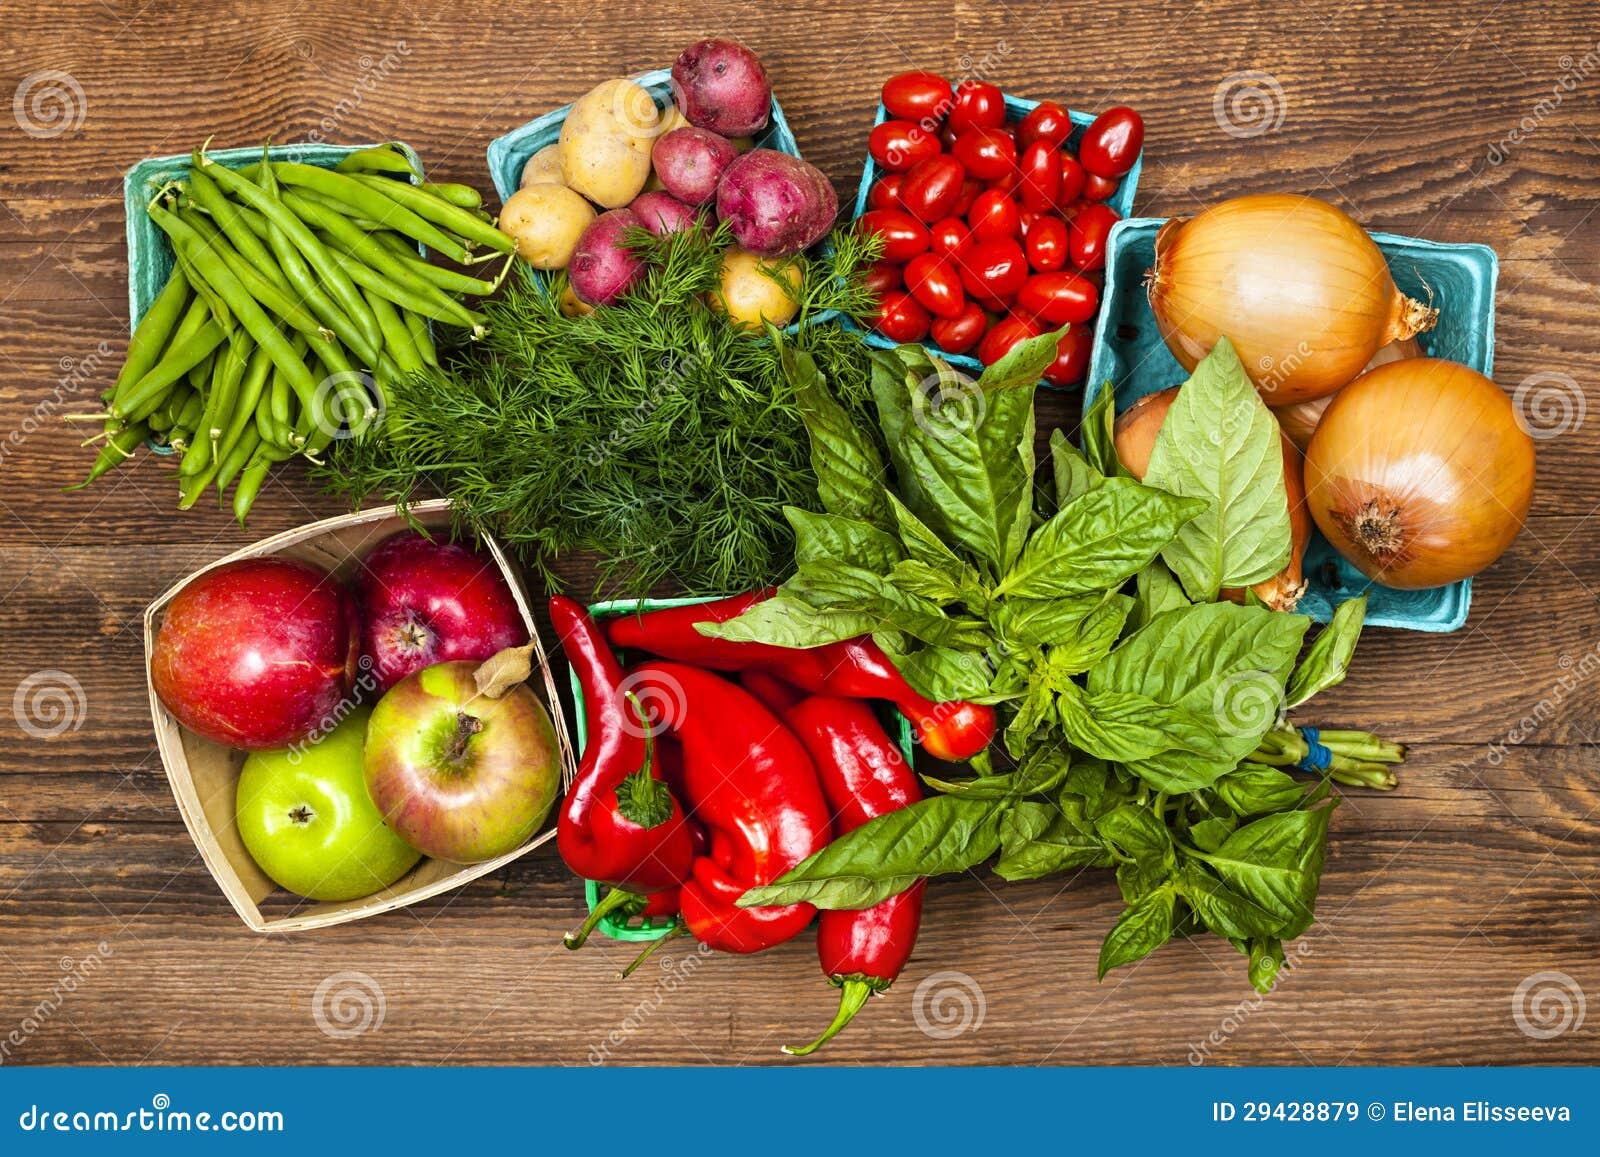 Фрукты и овощи рынка